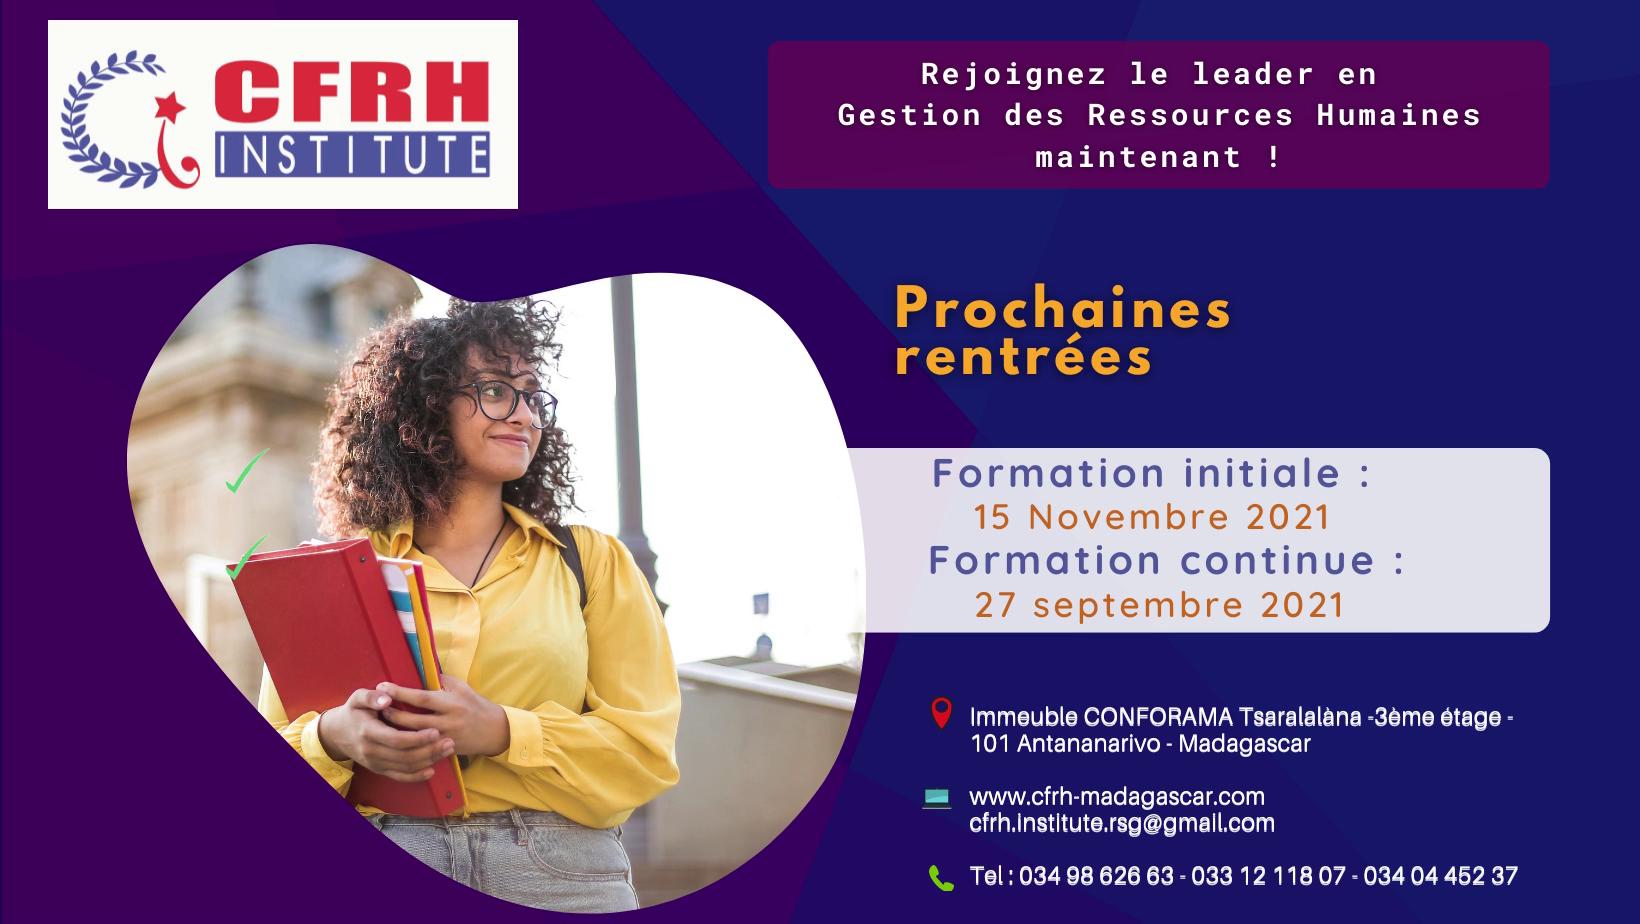 CFRH-Institute-Banniere-prochaines-rentrees-2021-2022